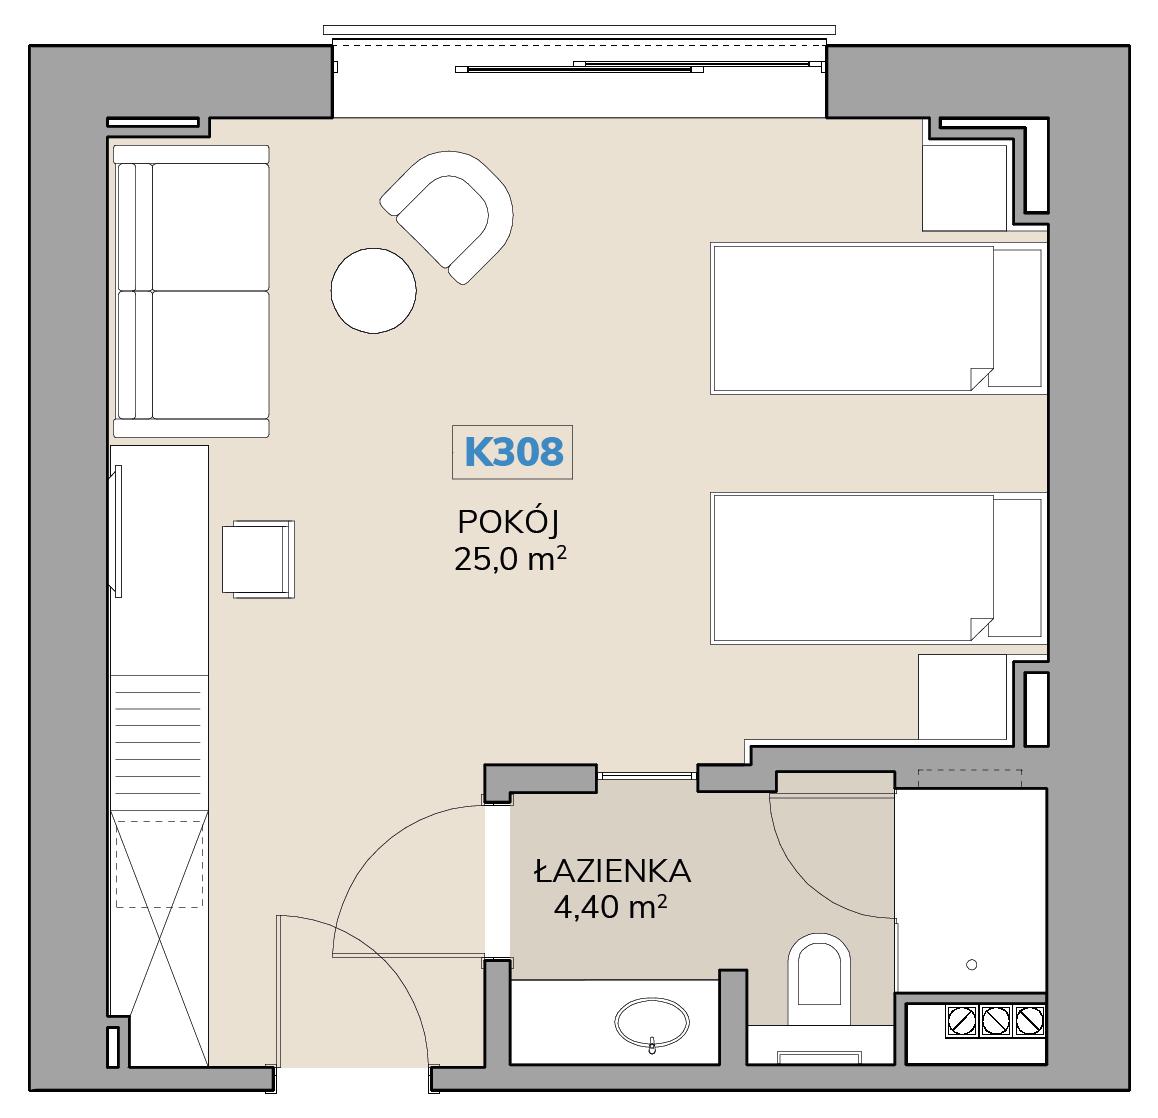 Apartament K308